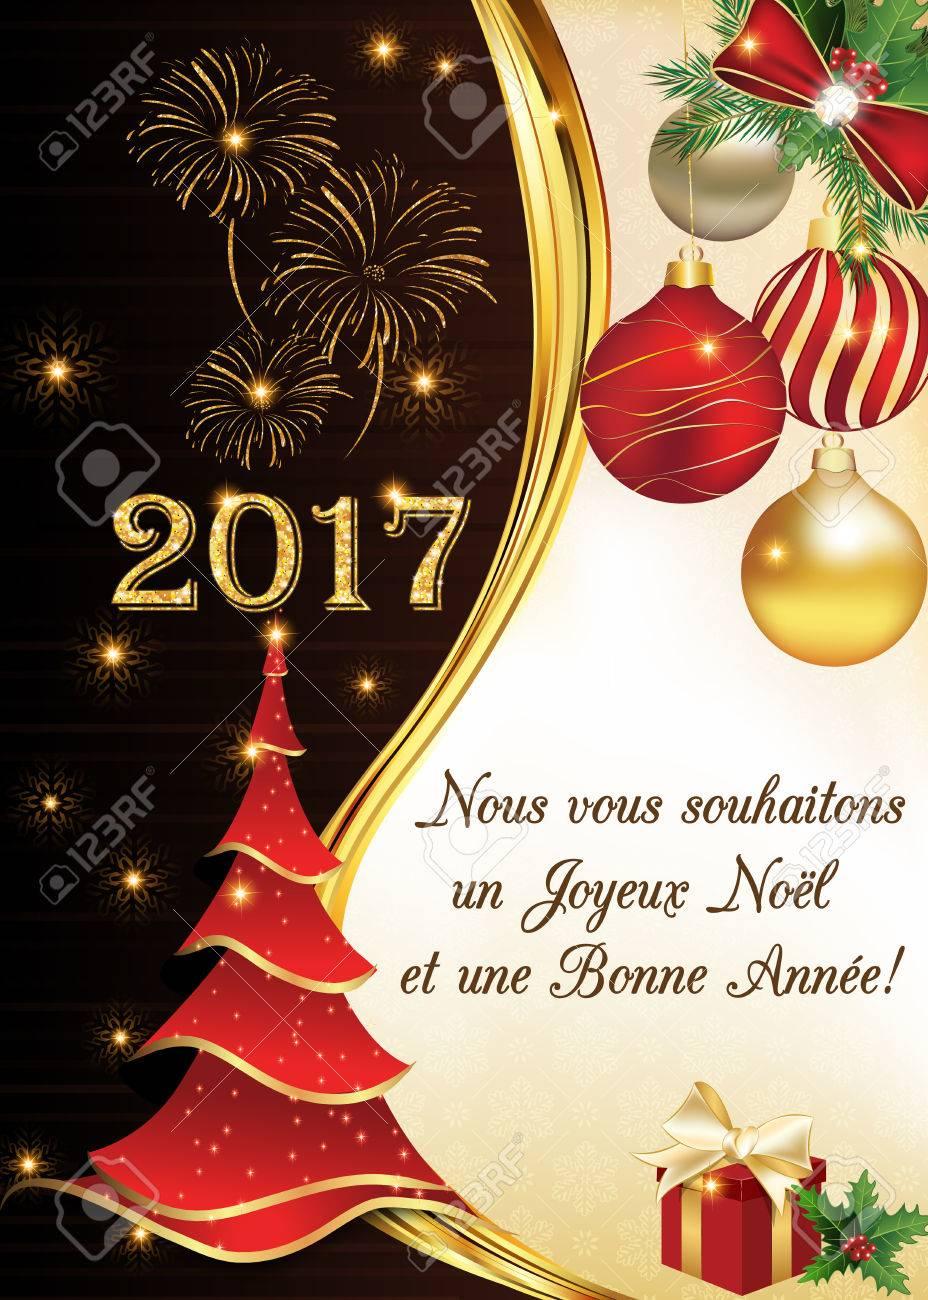 Bonne Annee Joyeux Noel.Carte De Voeux Francaise Pour Les Vacances D Hiver Joyeux Noel Et Bonne Annee Joyeux Noel Et Bonne Annee Couleurs D Impression Utilisees Taille